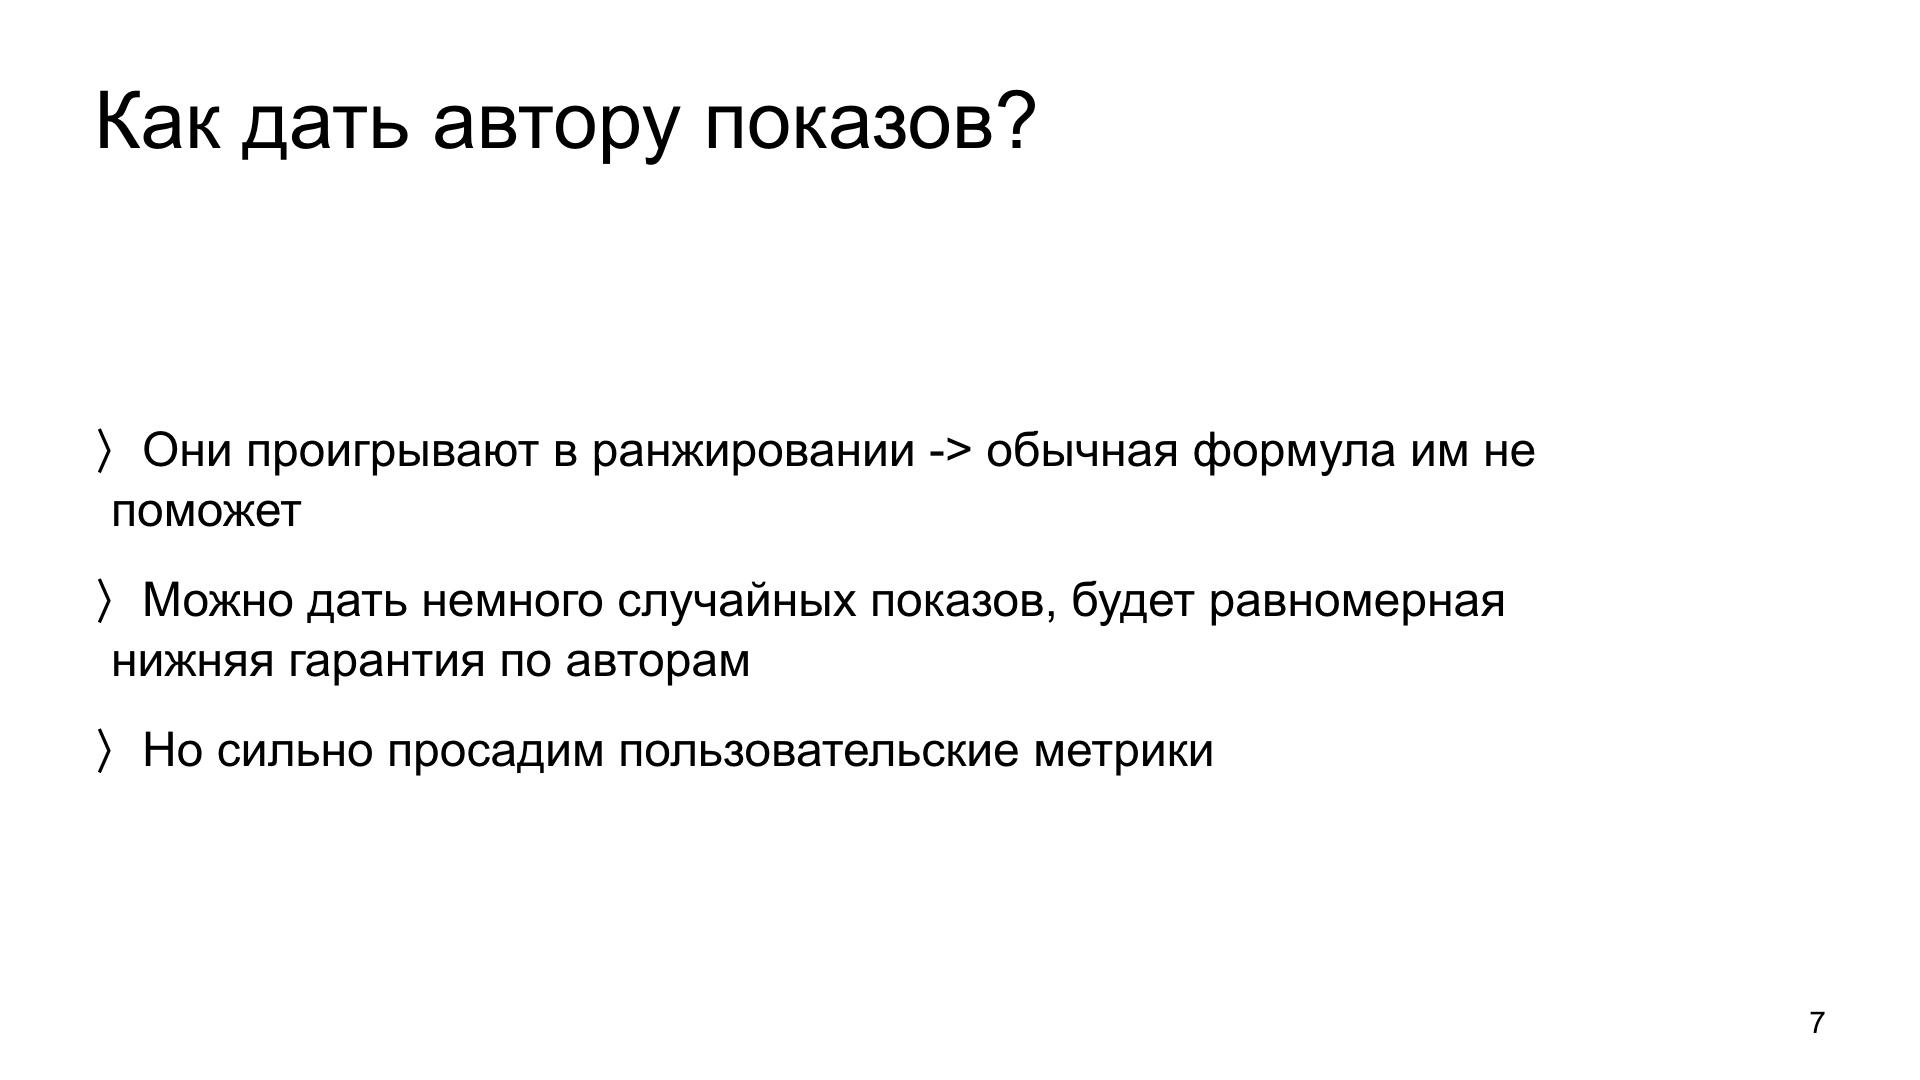 Автороцентричное ранжирование. Доклад Яндекса о поиске релевантной аудитории для авторов Дзена - 7